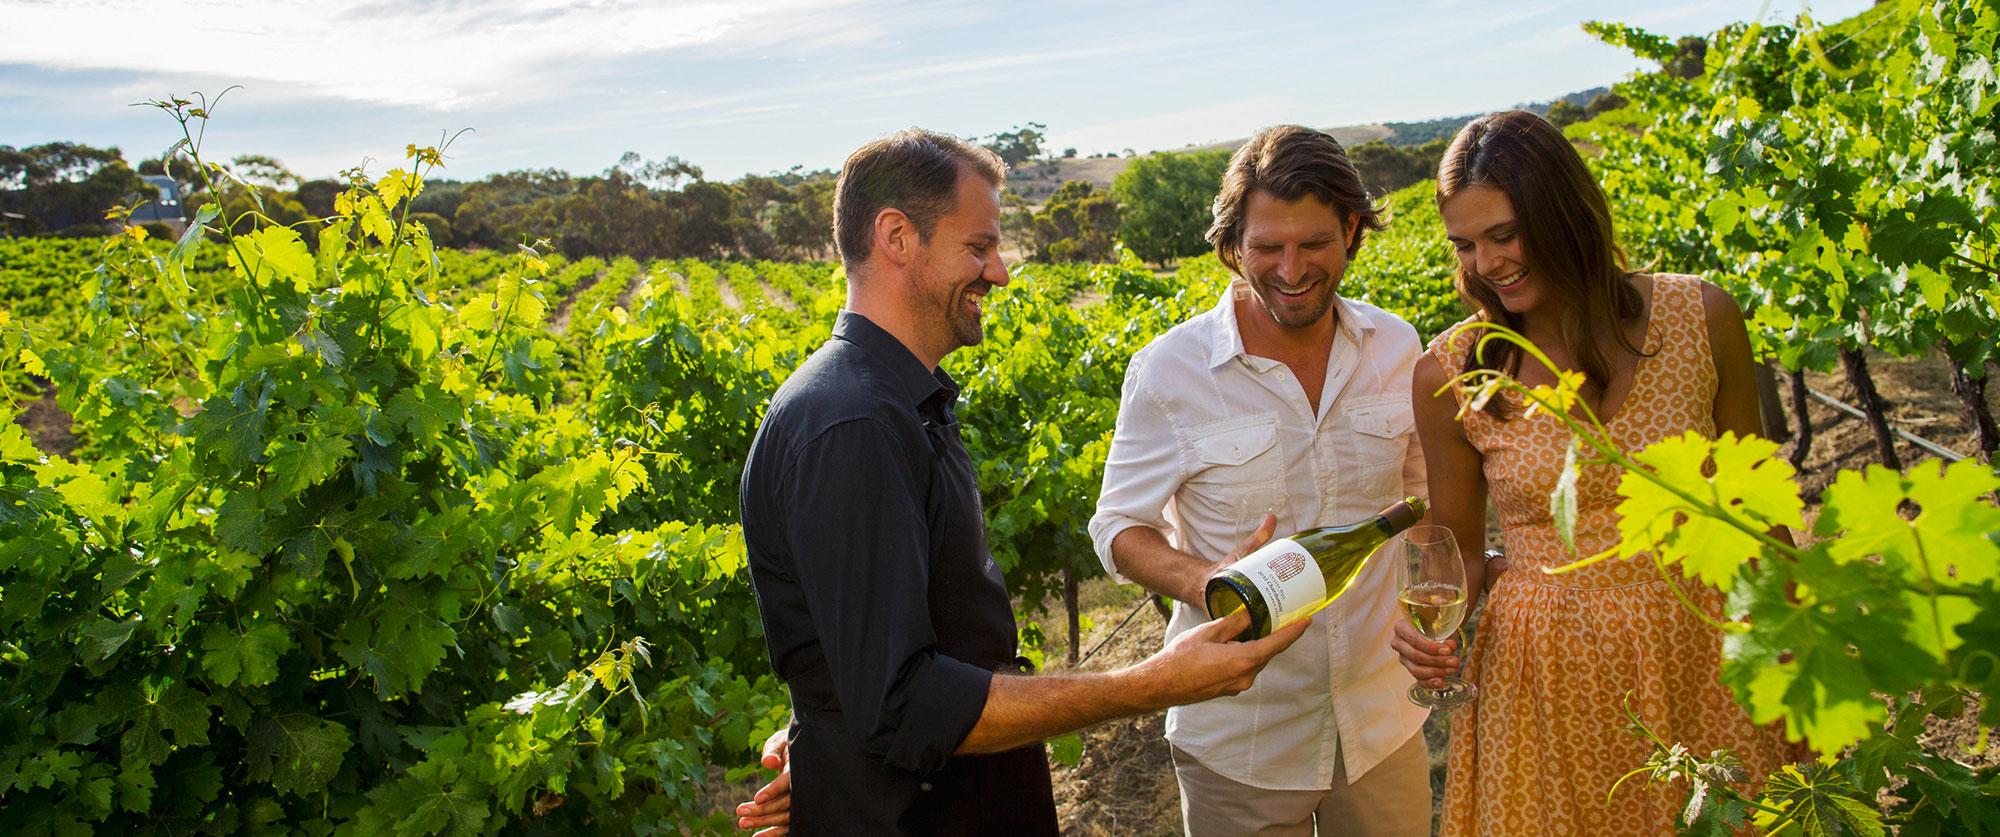 Pouring-wine-in-vineyard.jpg